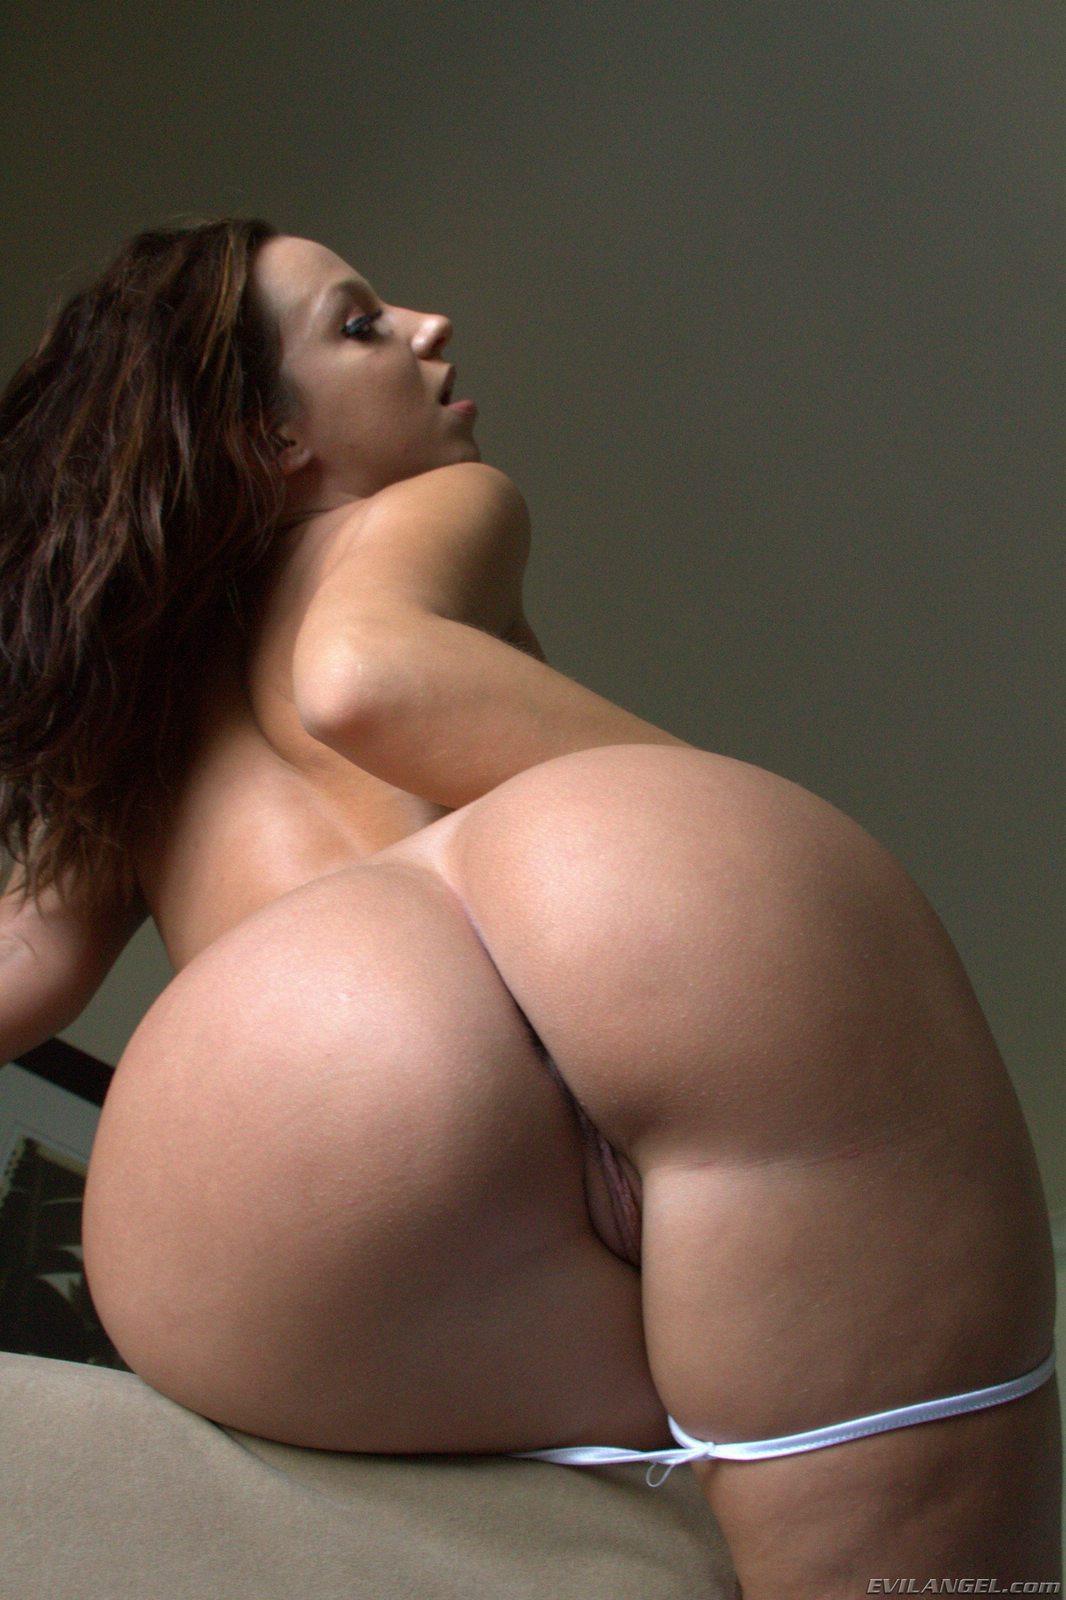 Consider, Jada stevens nude body